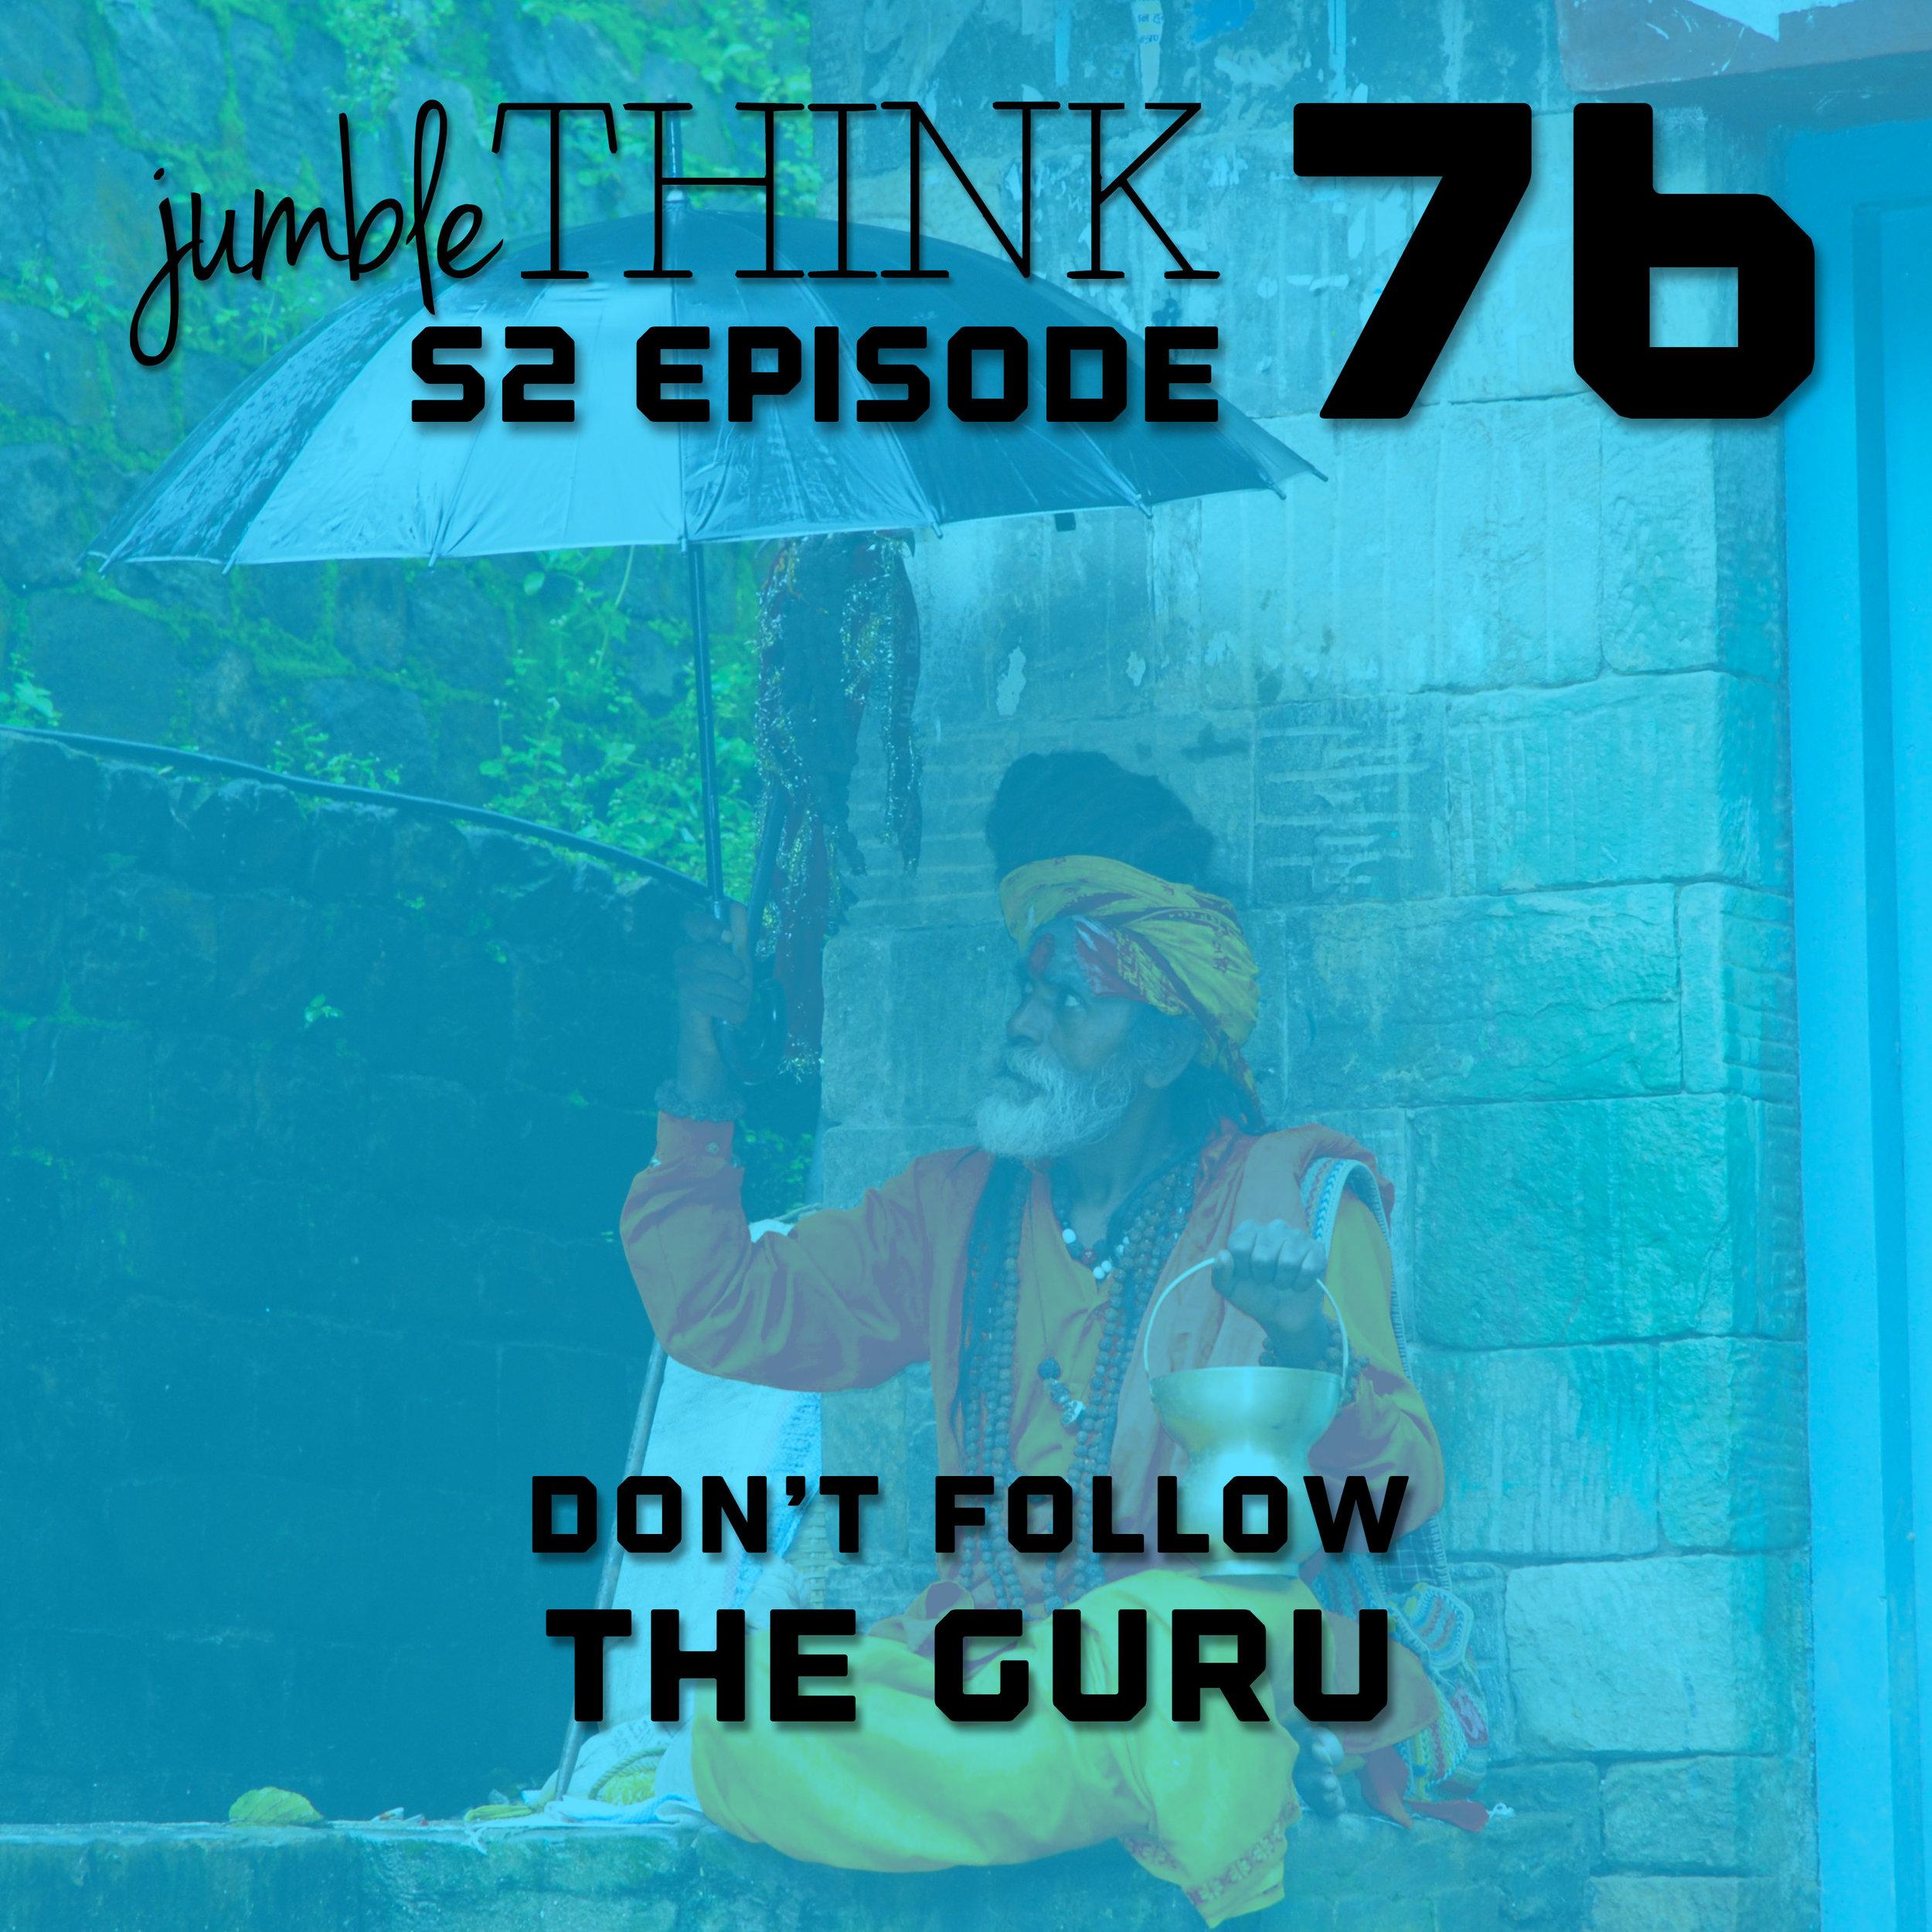 S2E76-dont-follow-the-guru.jpg